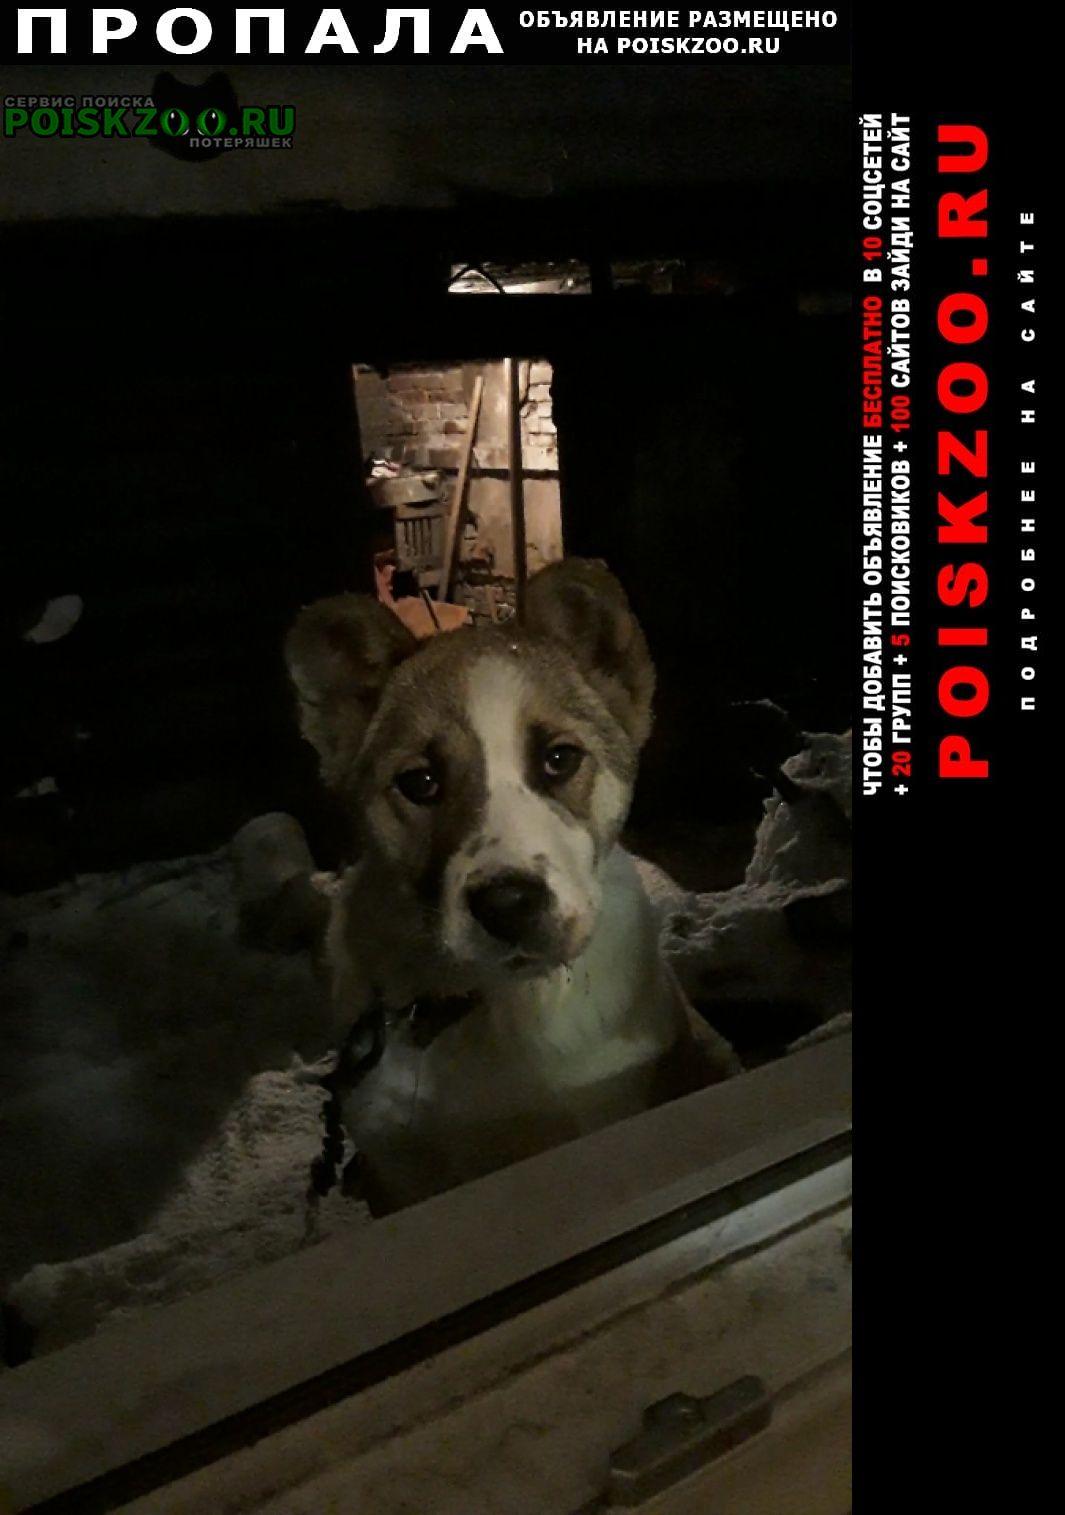 Пропала собака прошу помощи в поиске Кемерово